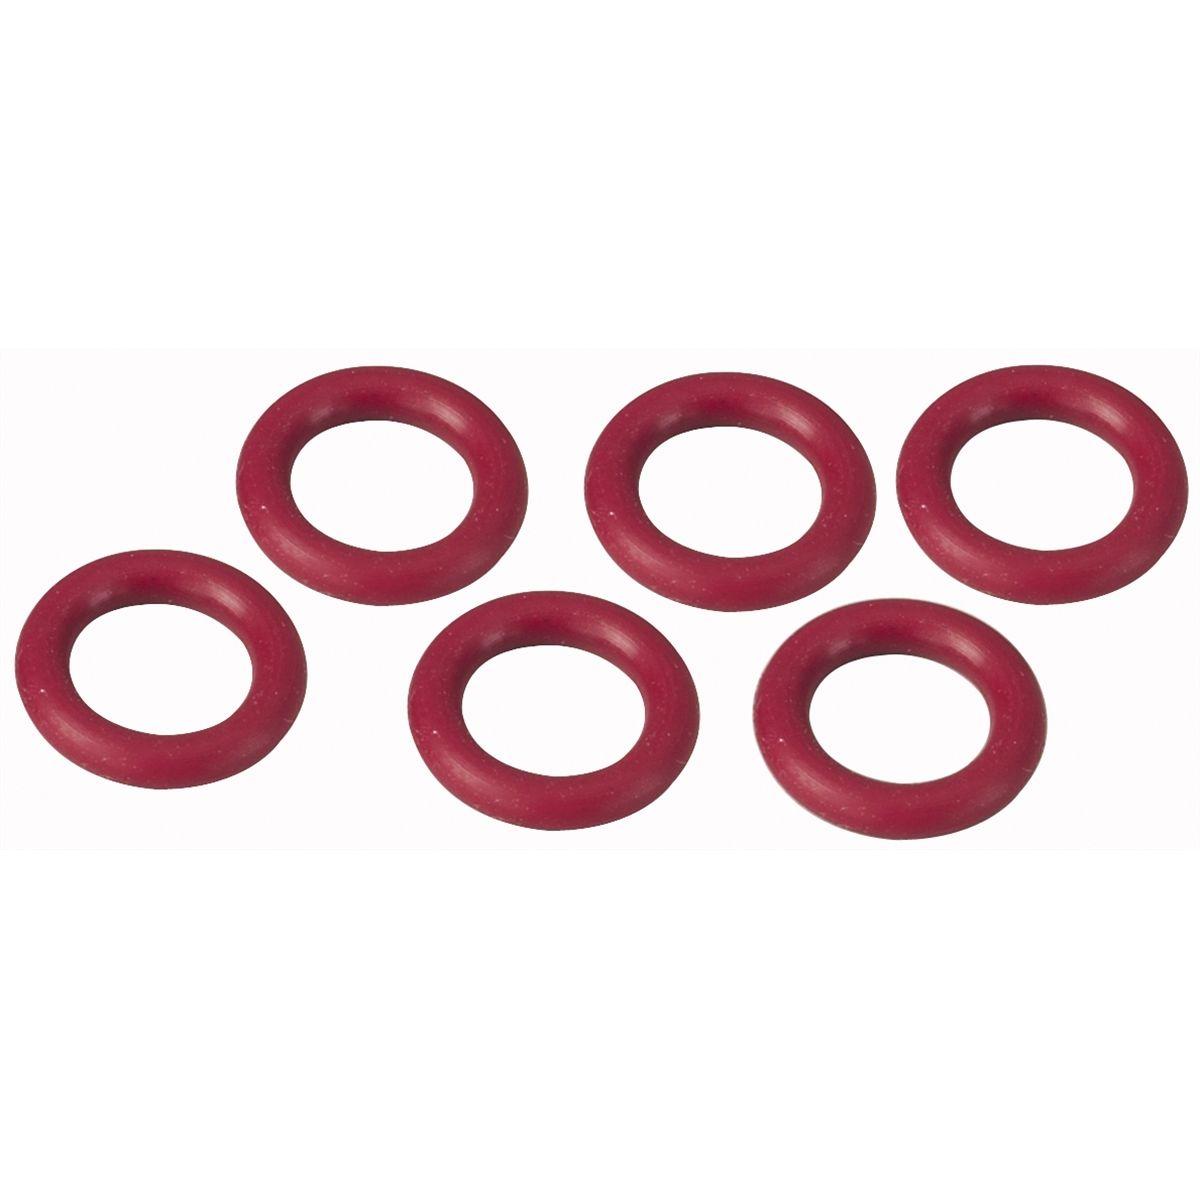 Robinair 18180 1/4 Quick Seal O-Ring Set Red